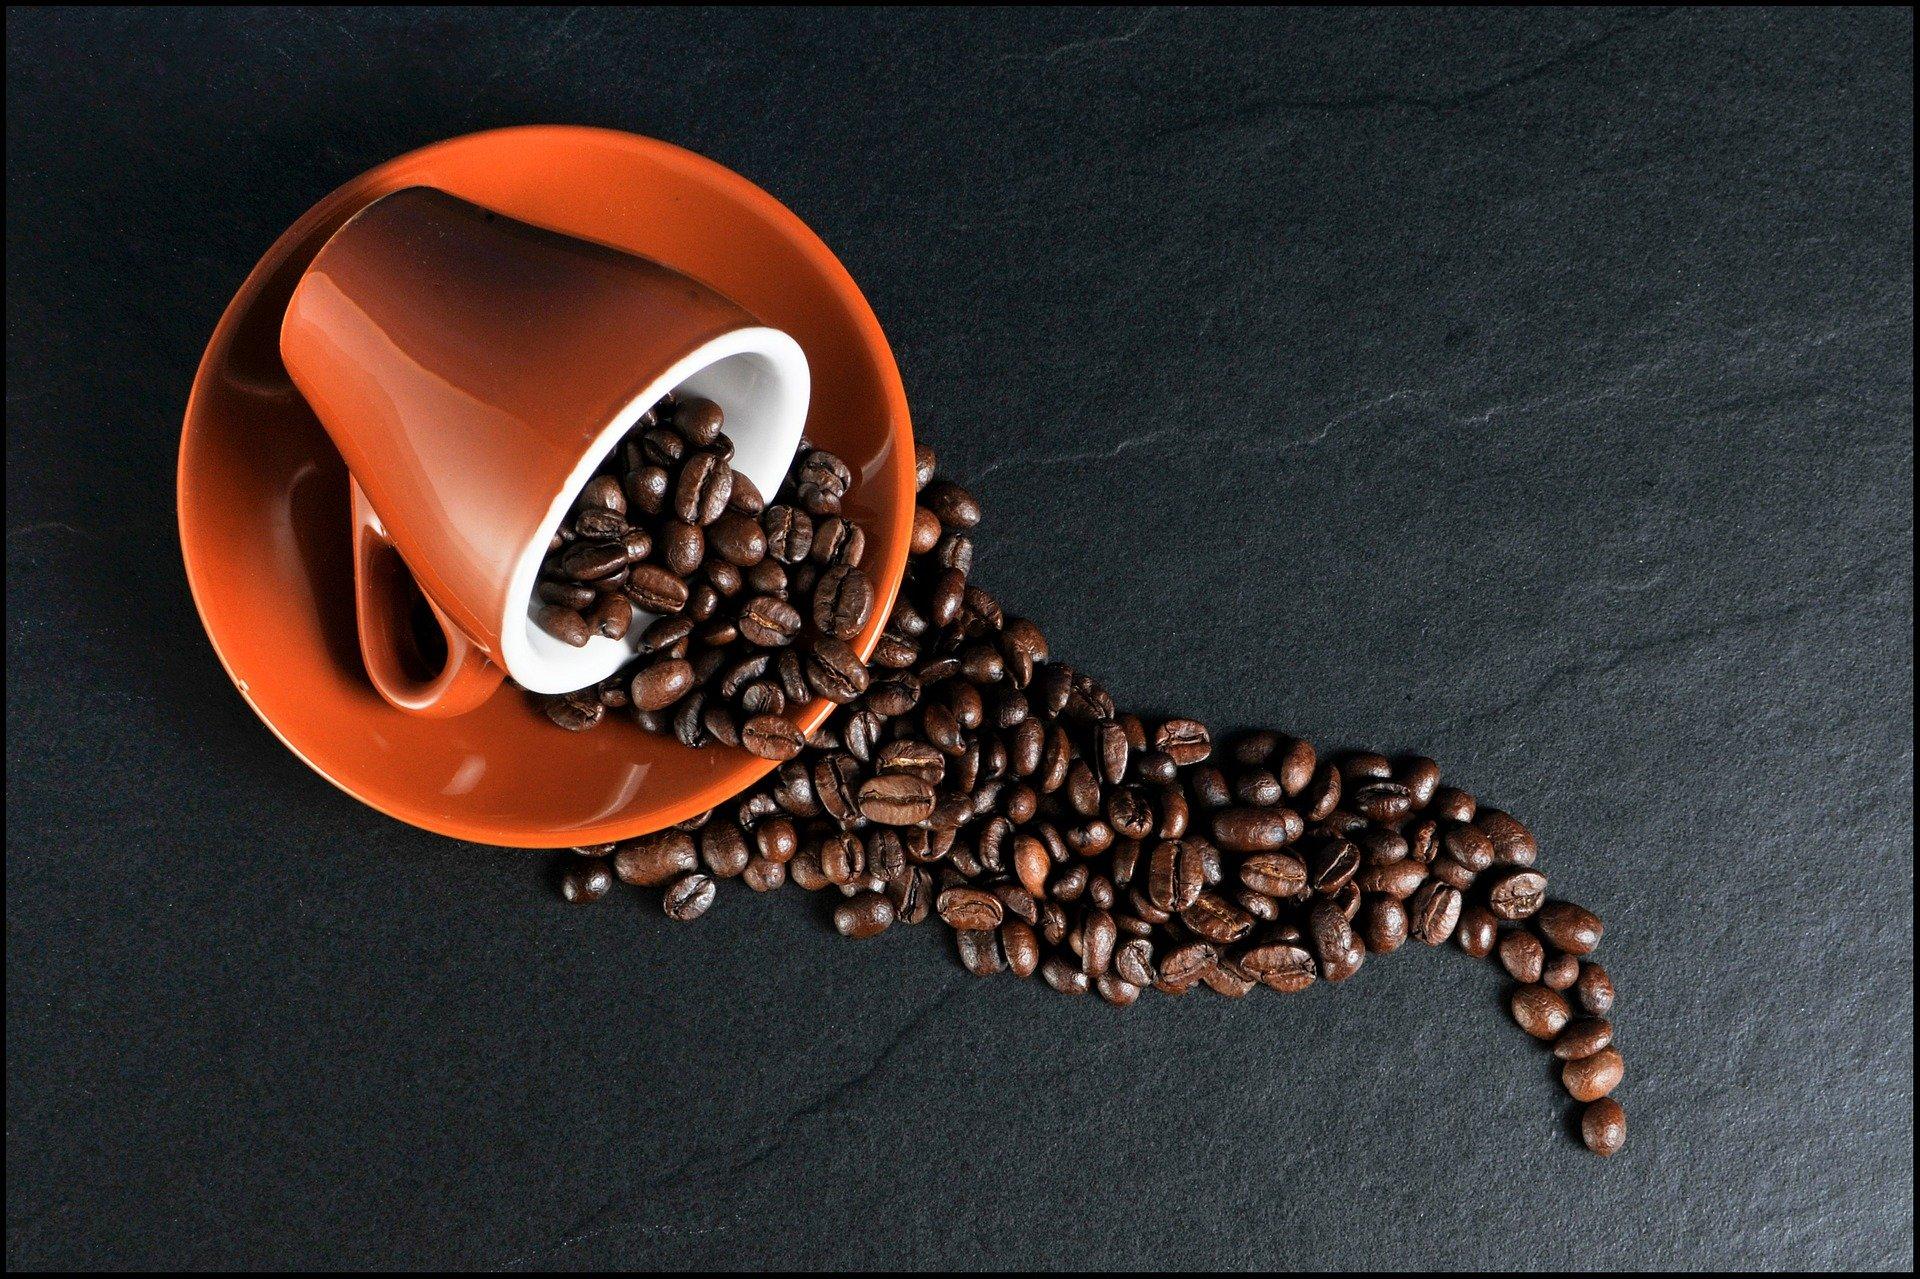 Ученые нашли способ приготовления алкогольных напитков из кофейной гущи